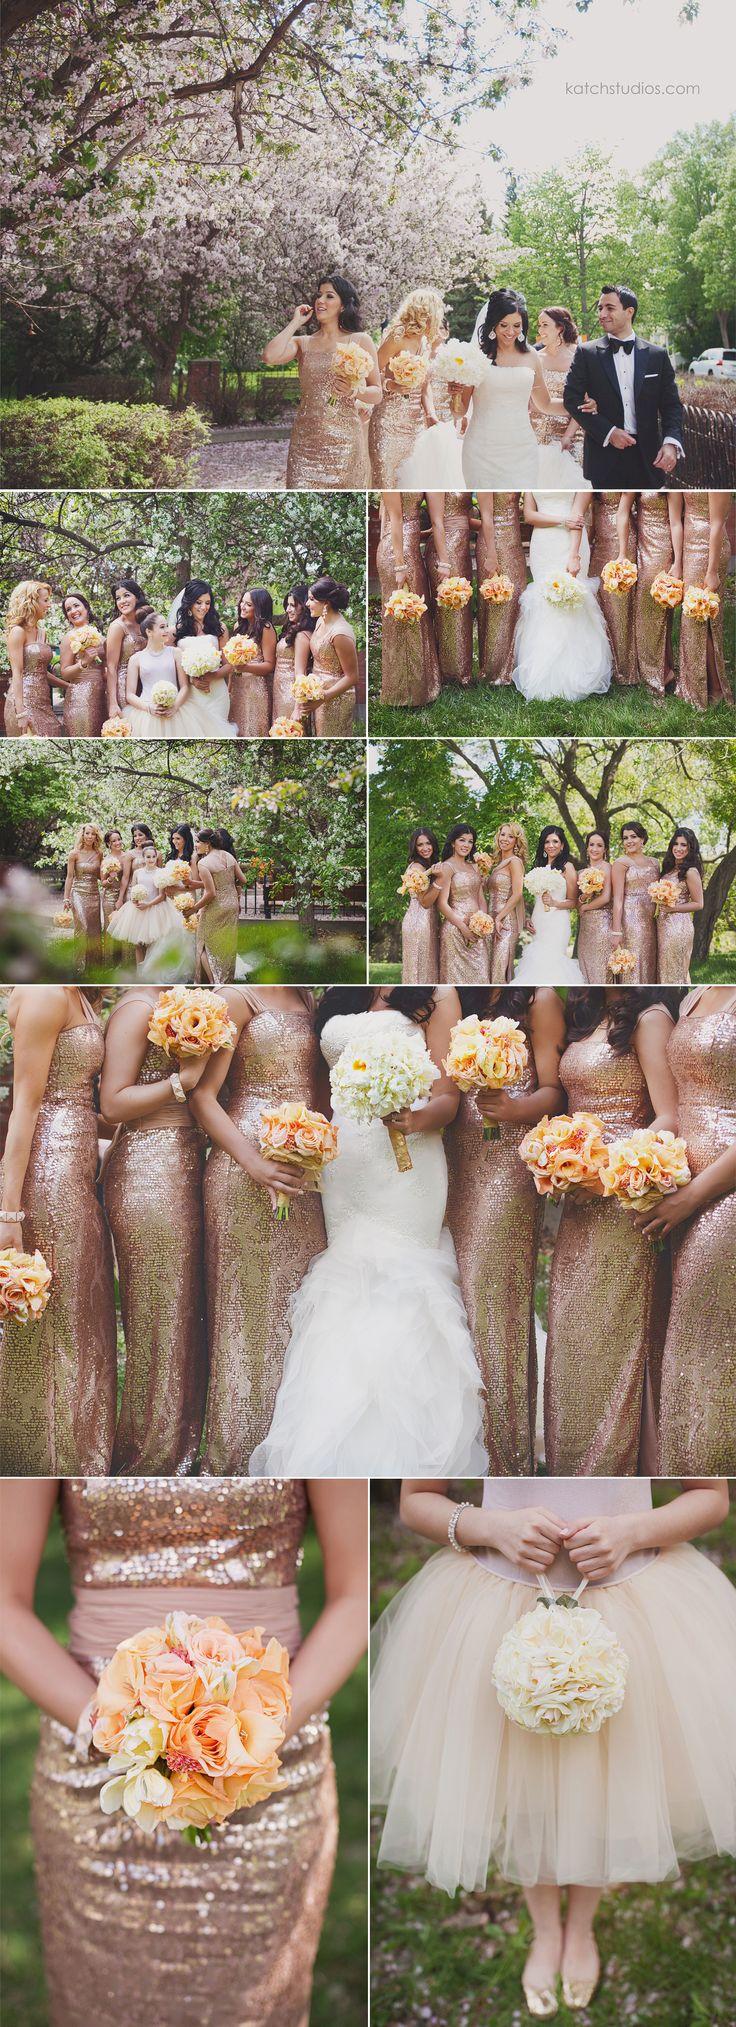 rose gold wedding wedding app https